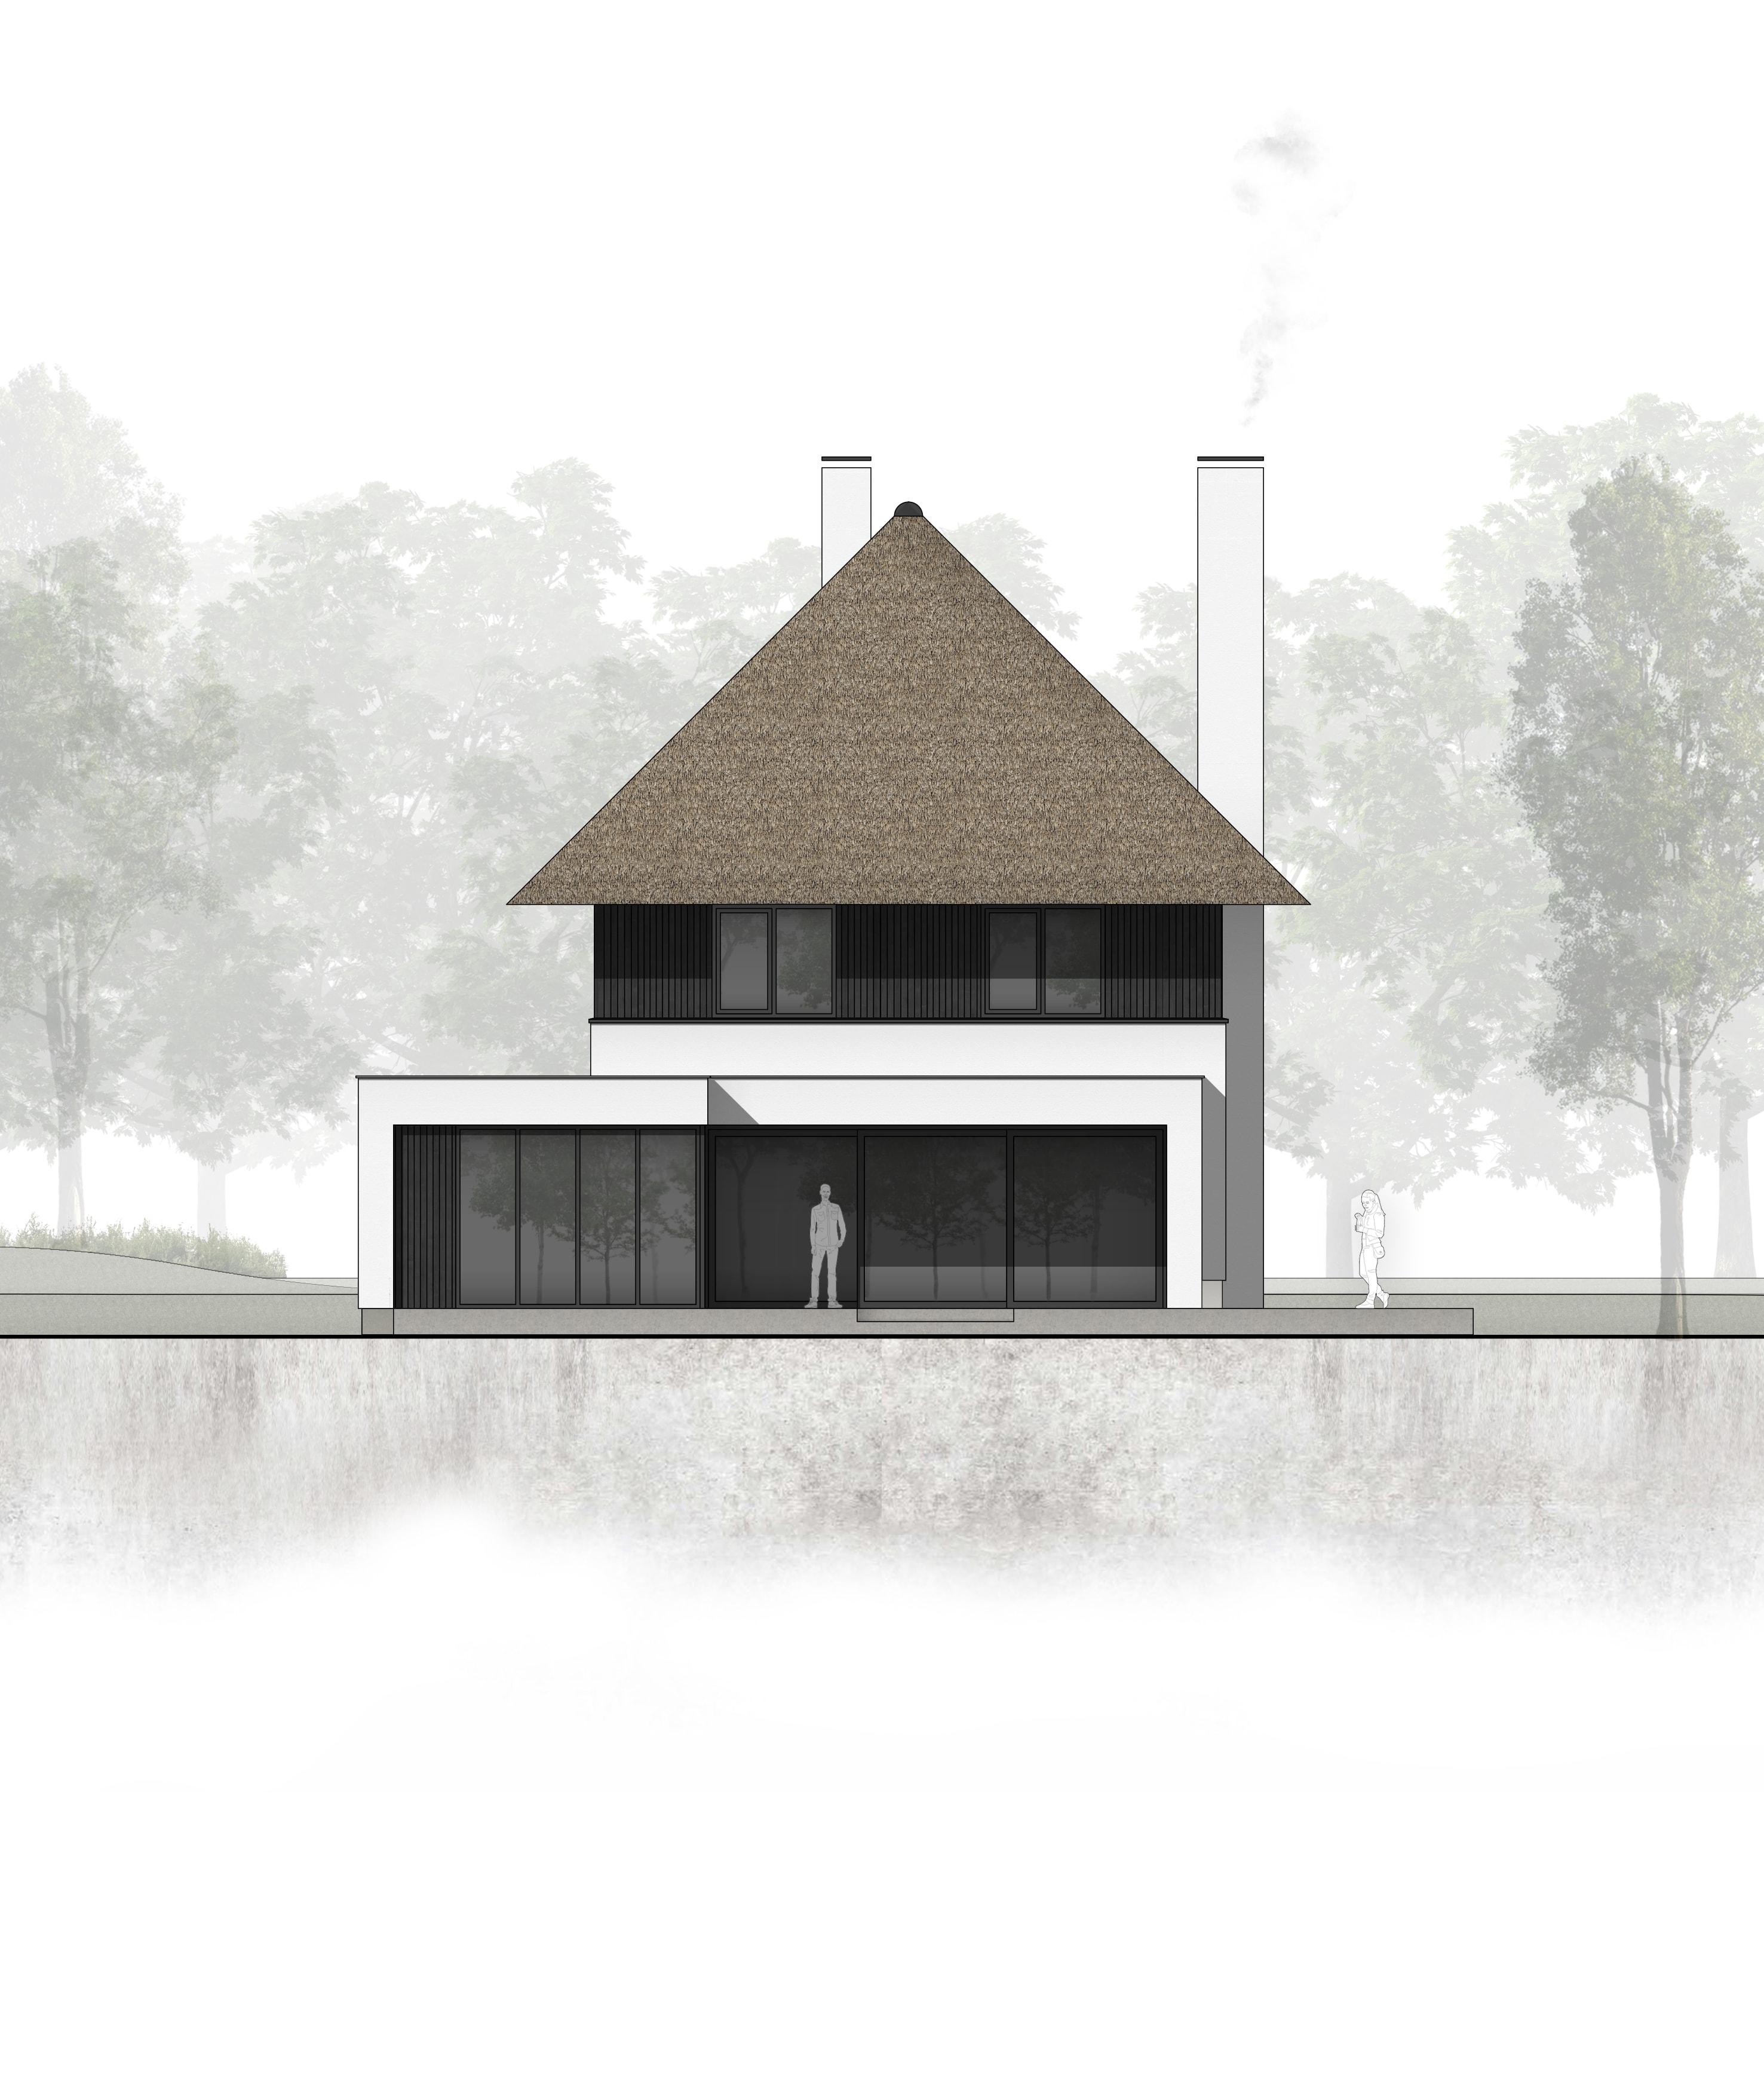 van-os-architecten-nieuwbouw-landelijke-rietgedekte-vrijstaande-villa-tegenbosch-eindhoven-achtergevel-met-overdekte-veranda-bij-ruime-woonkeuken